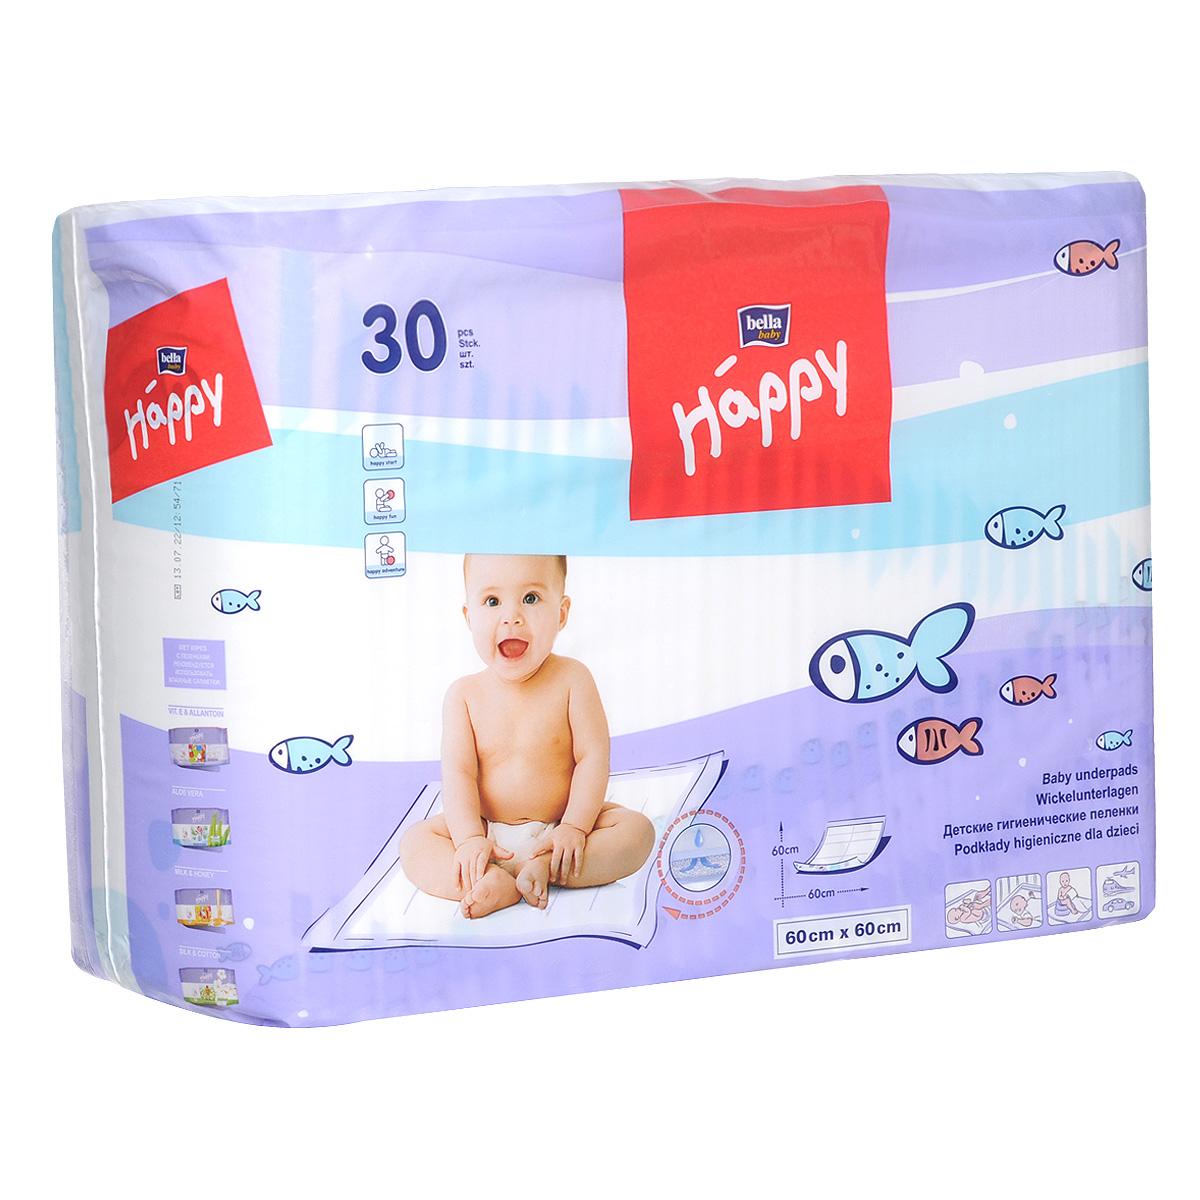 цены на Пеленка одноразовая Bella baby Happy, 30 шт.  в интернет-магазинах